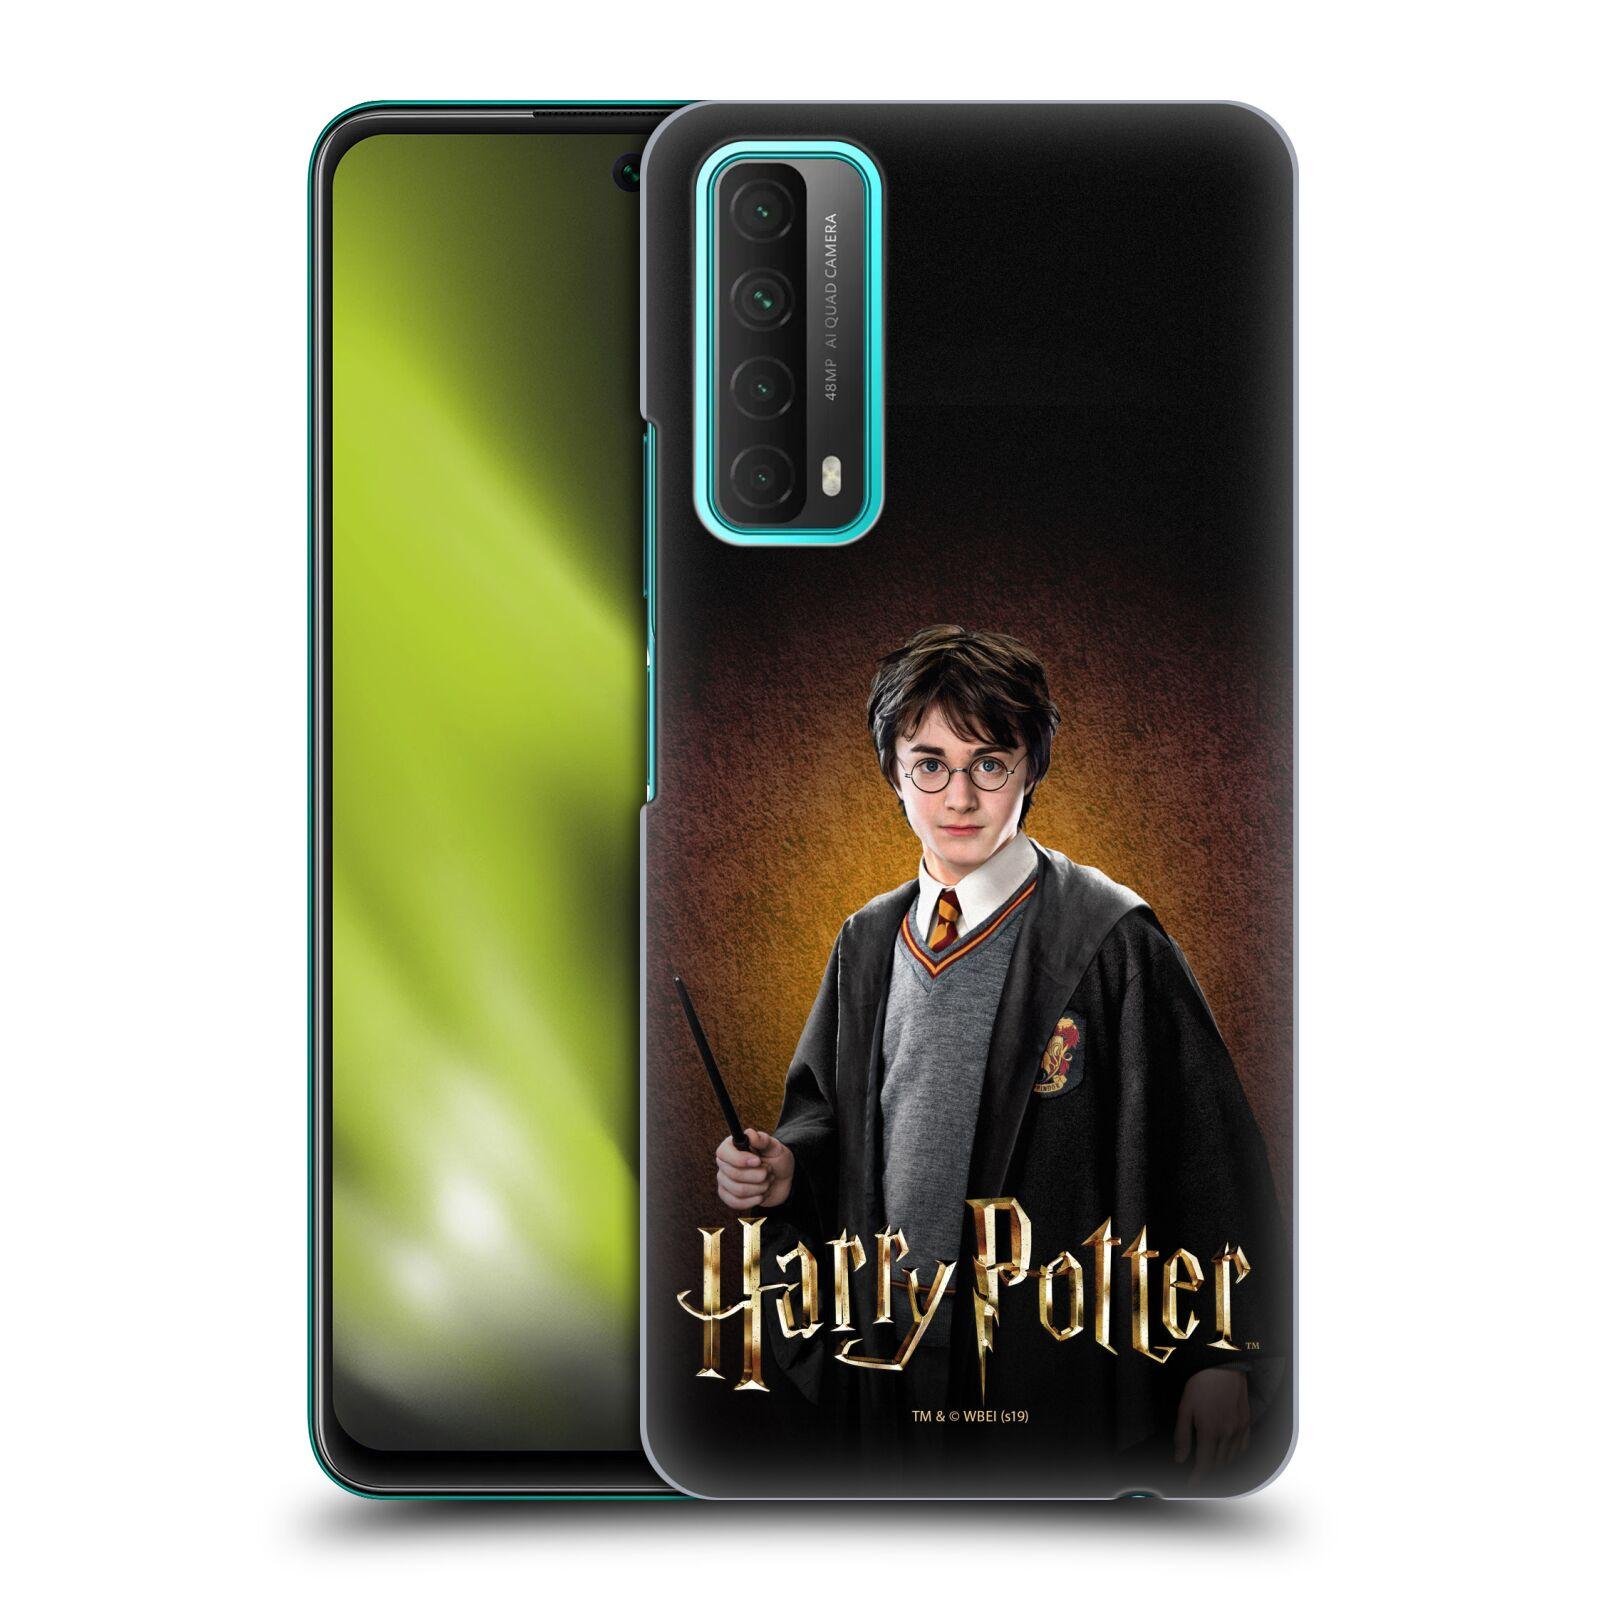 Plastové pouzdro na mobil Huawei P Smart (2021) - Harry Potter - Malý Harry Potter